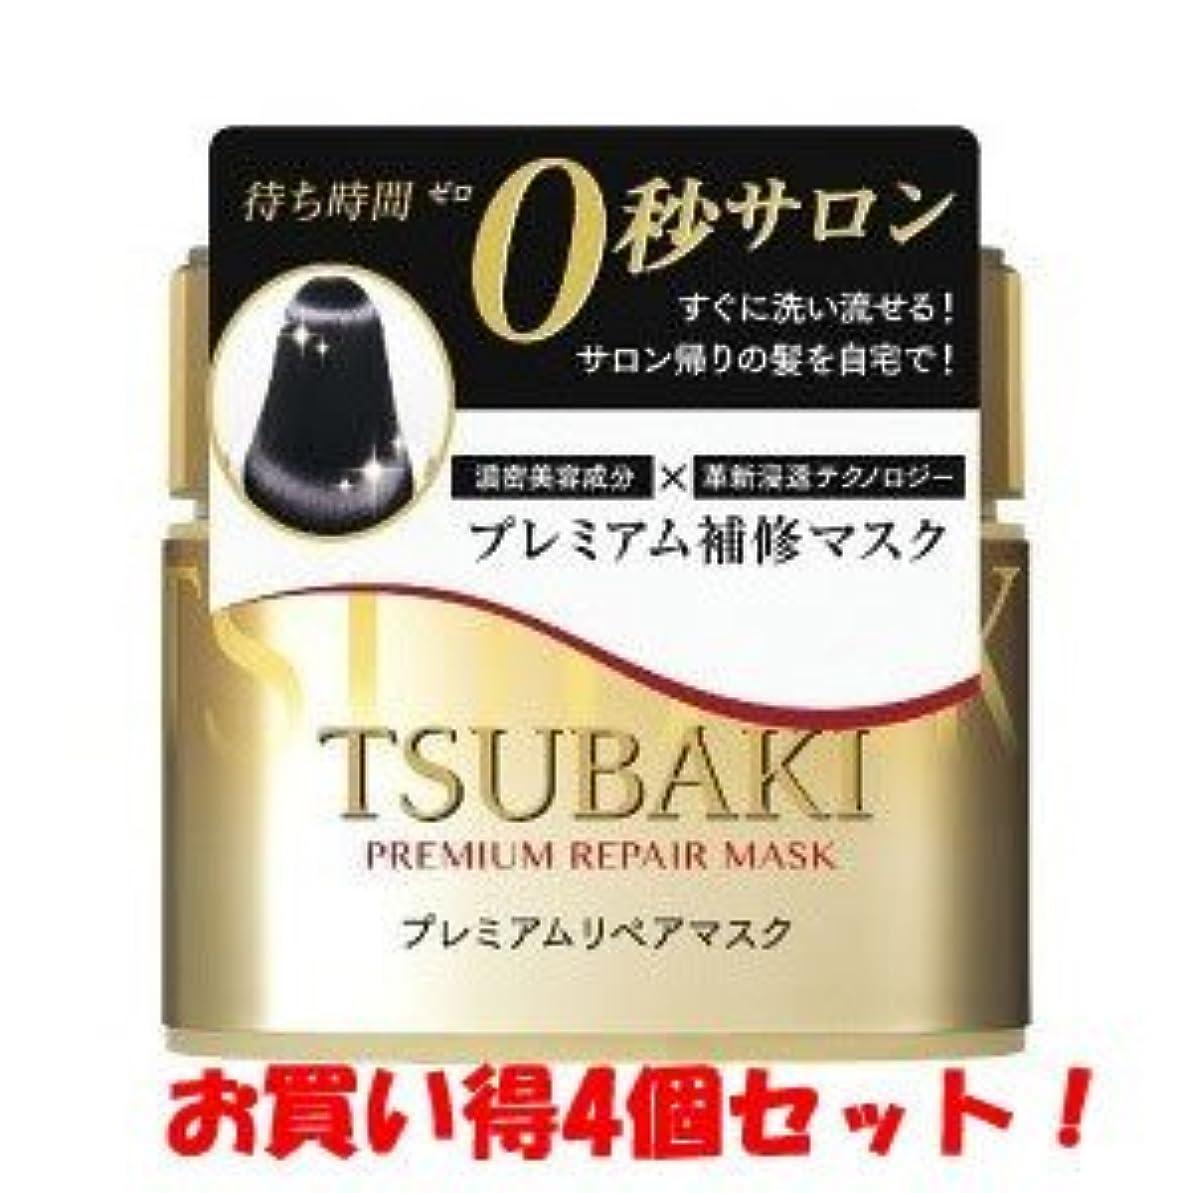 重大猟犬クラッチ(2017年の新商品)(資生堂)ツバキ(TSUBAKI) プレミアムリペアマスク 180g(お買い得4個セット)